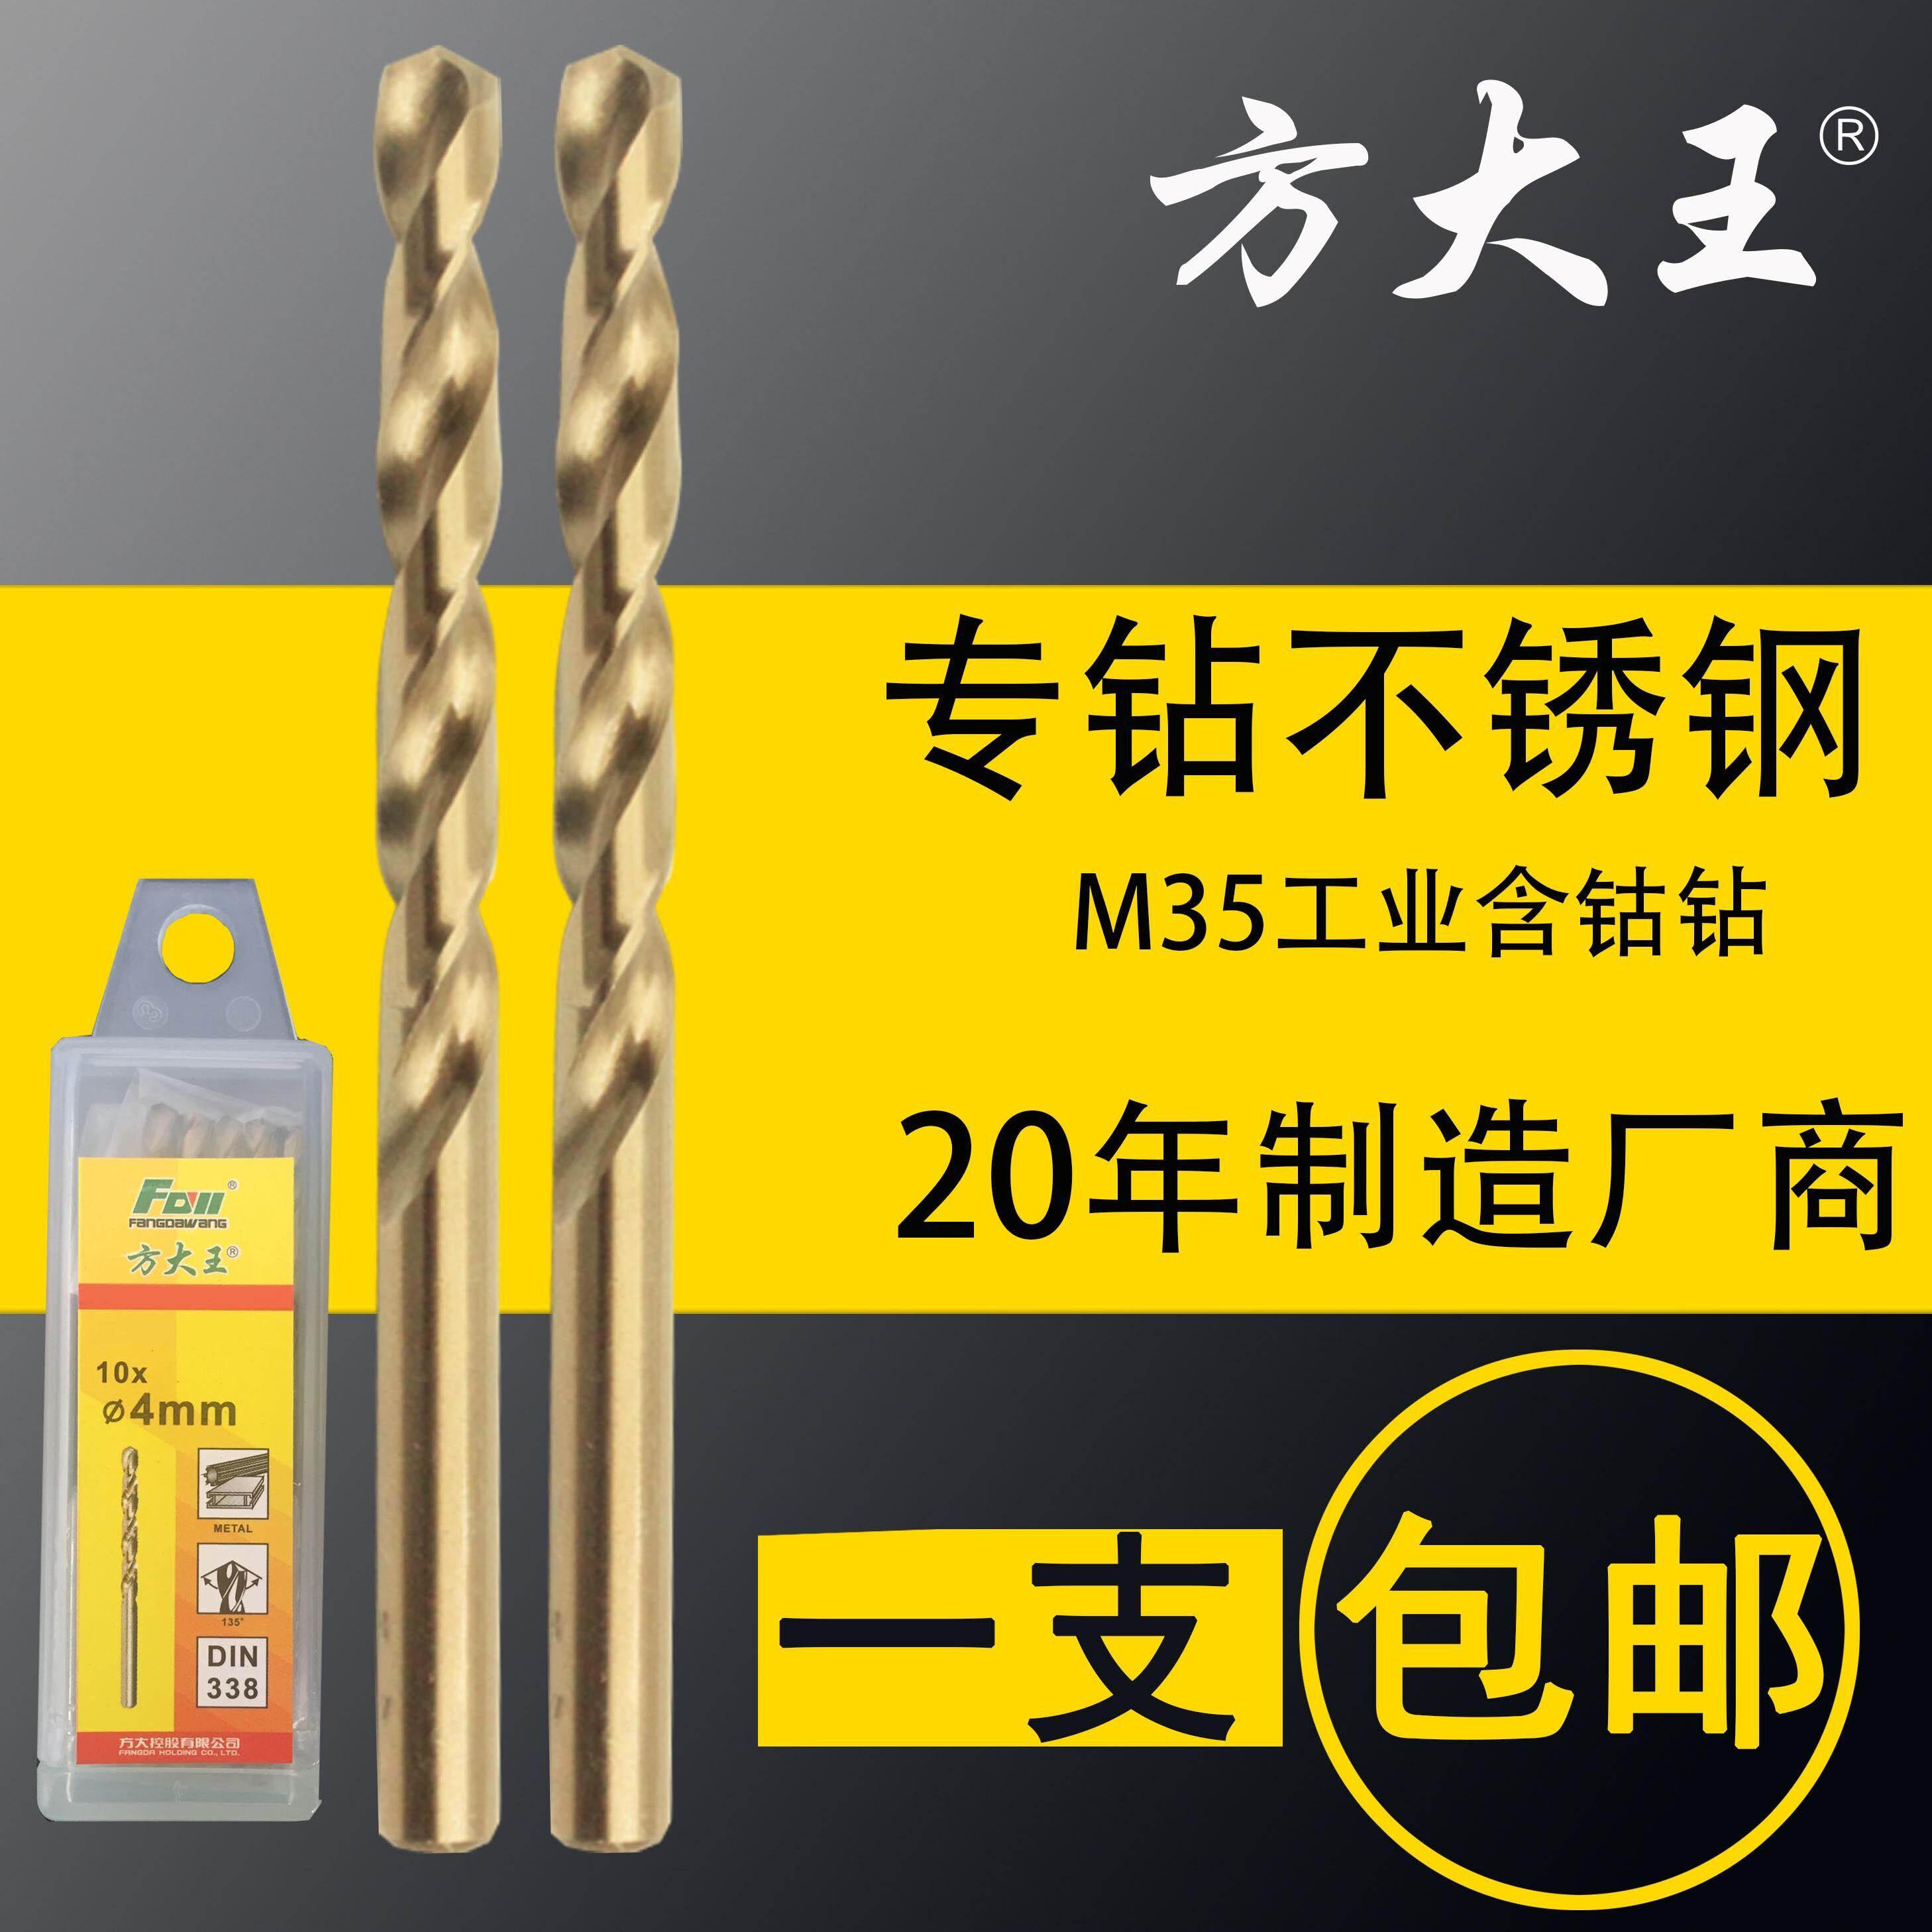 方大王麻花钻头直柄高速钢M35含钴全磨制 不锈钢金属扩孔器钻头